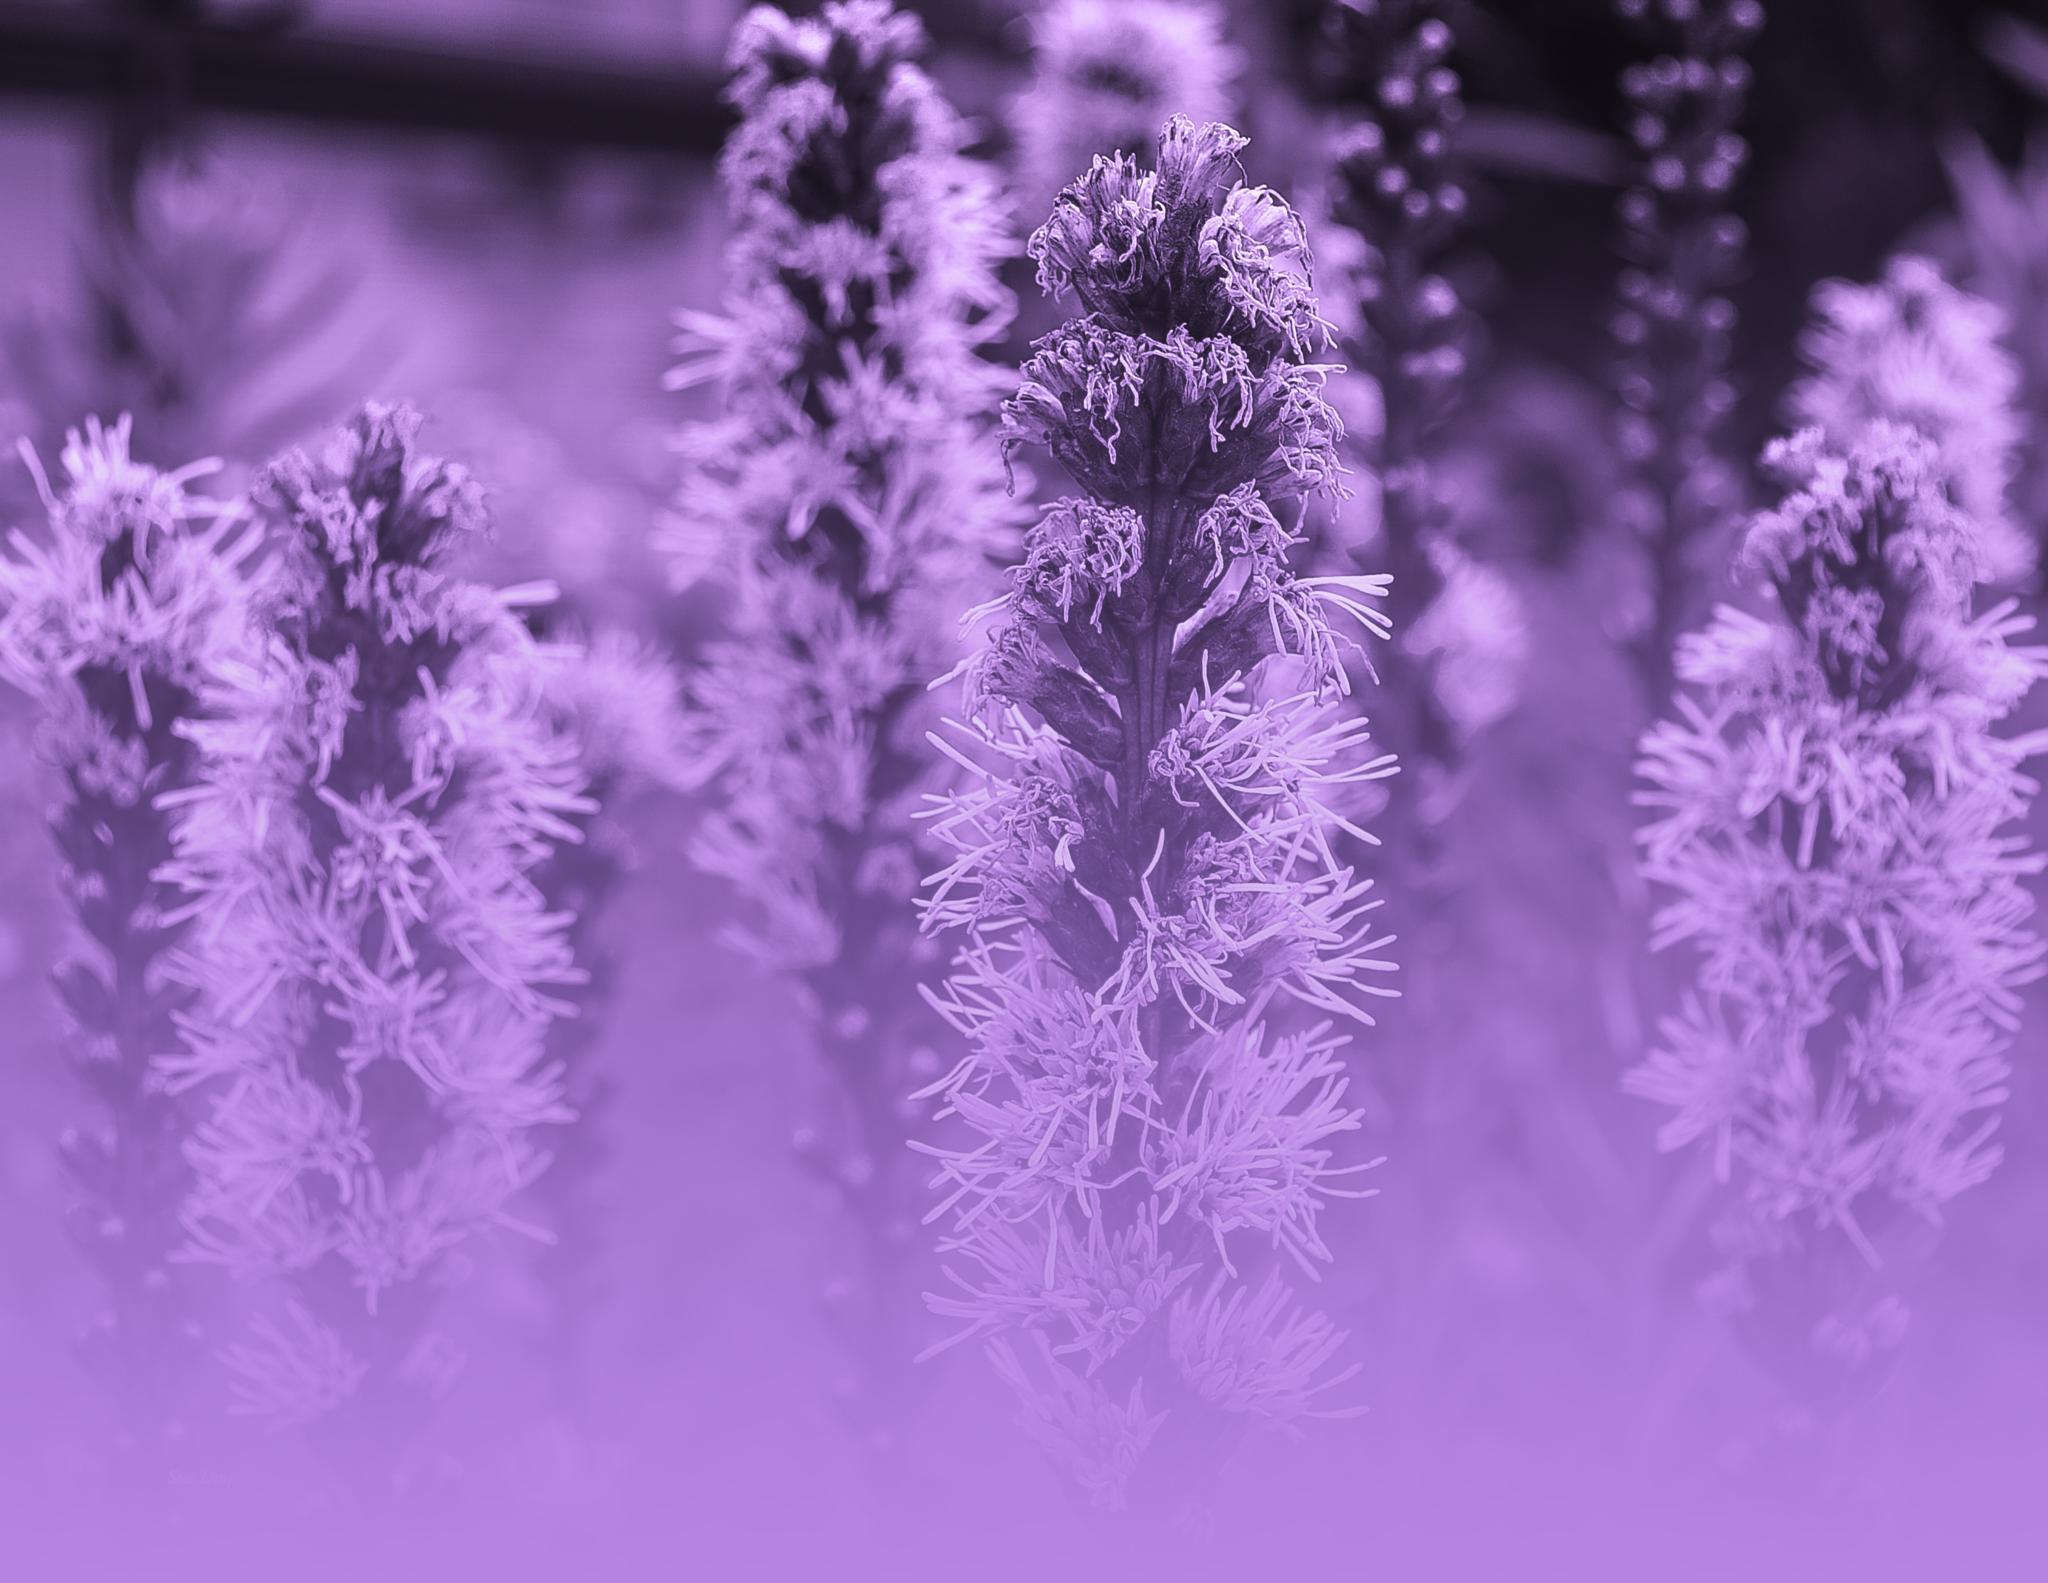 Purple haze by sue_duq